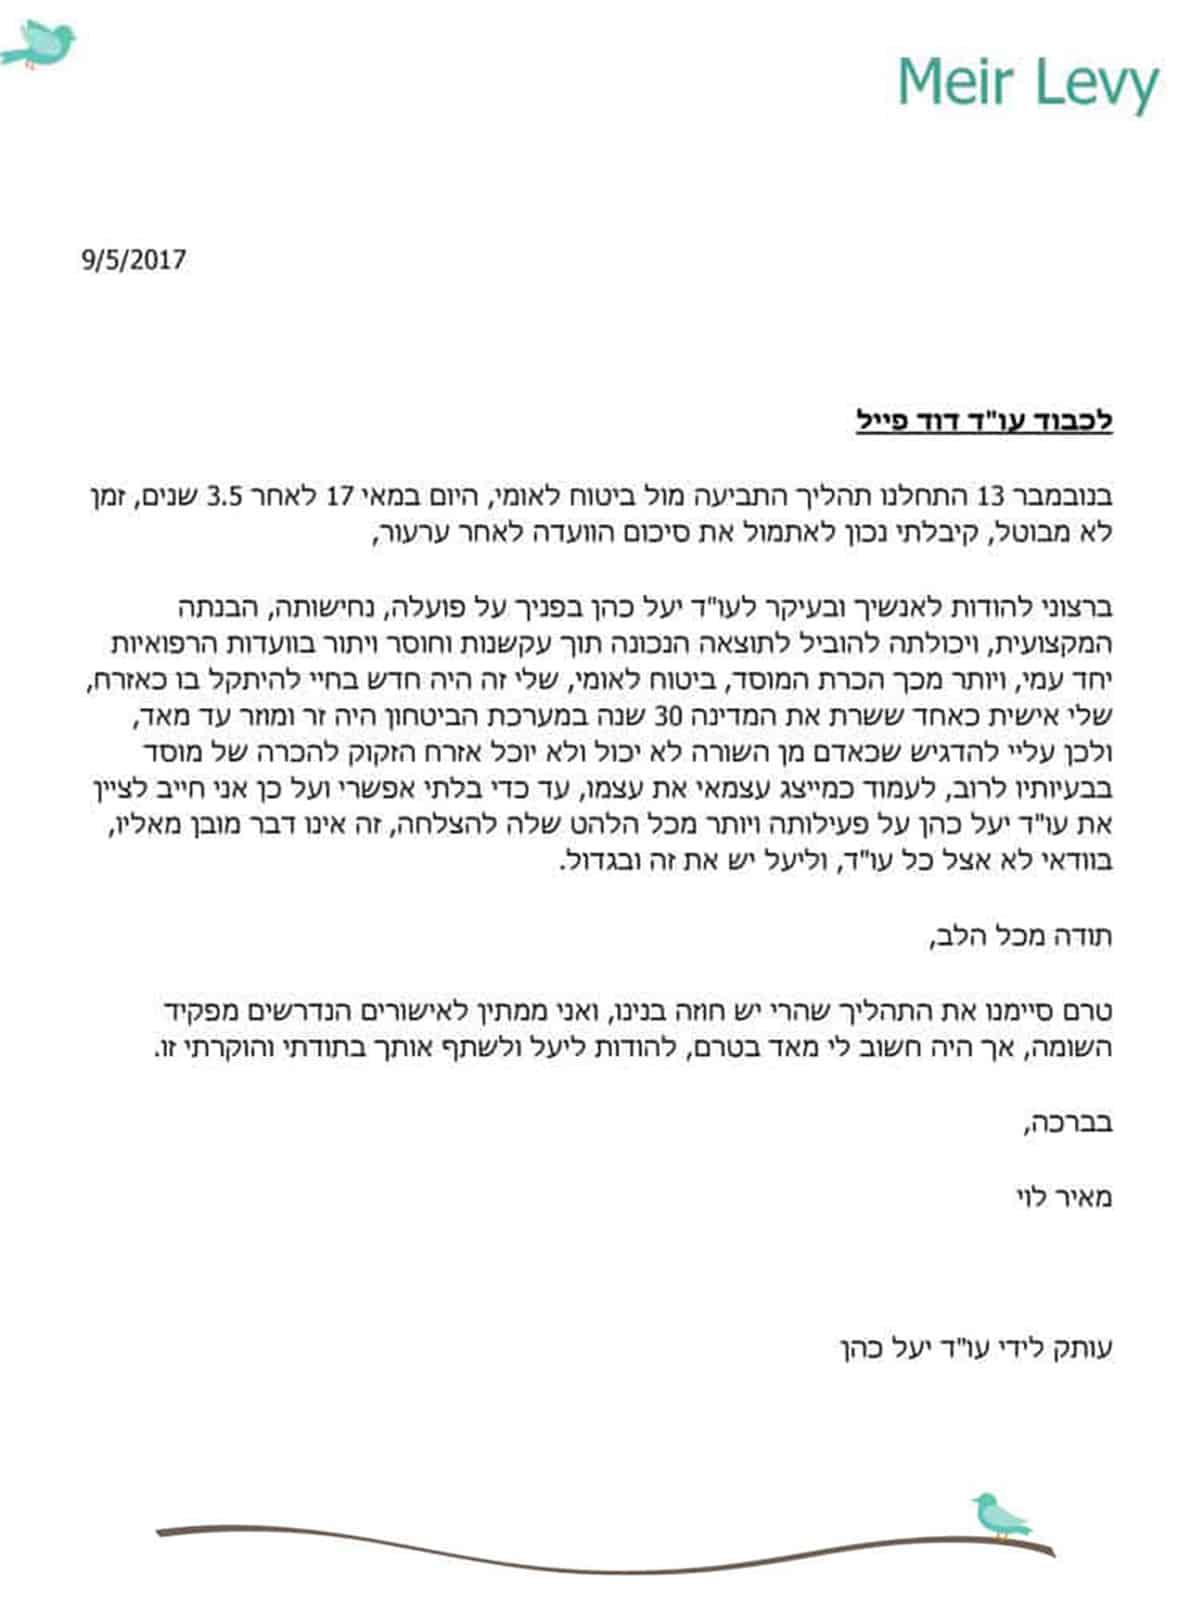 מכתב-המלצה-ליעל-כהן-מאת-מאיר-לוי